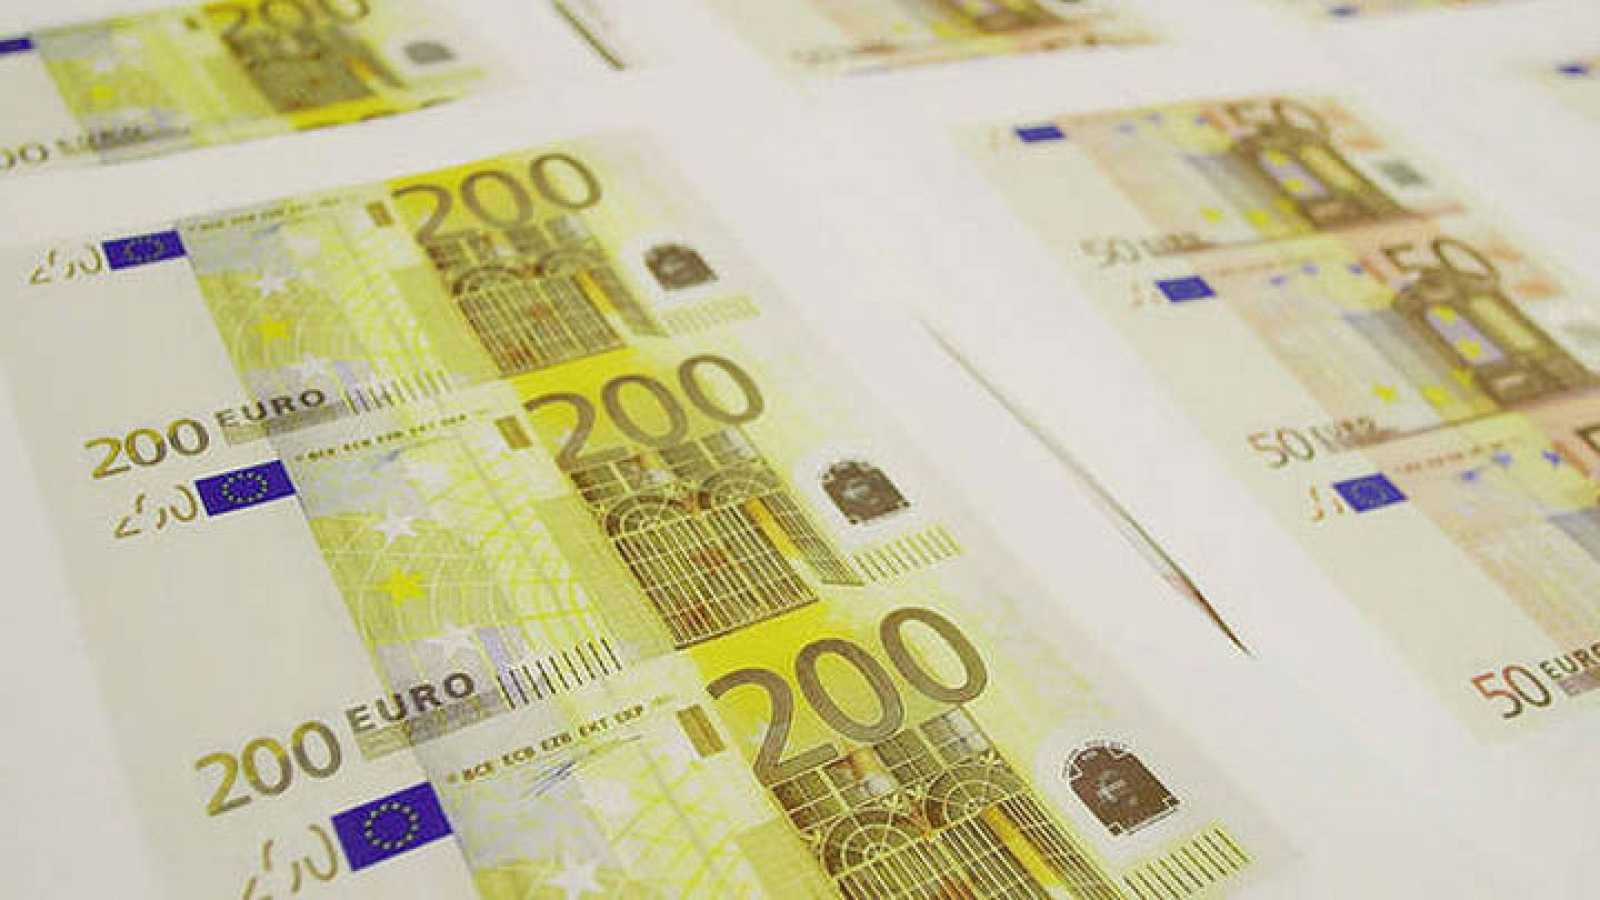 Billetes de 200 y 500 euros